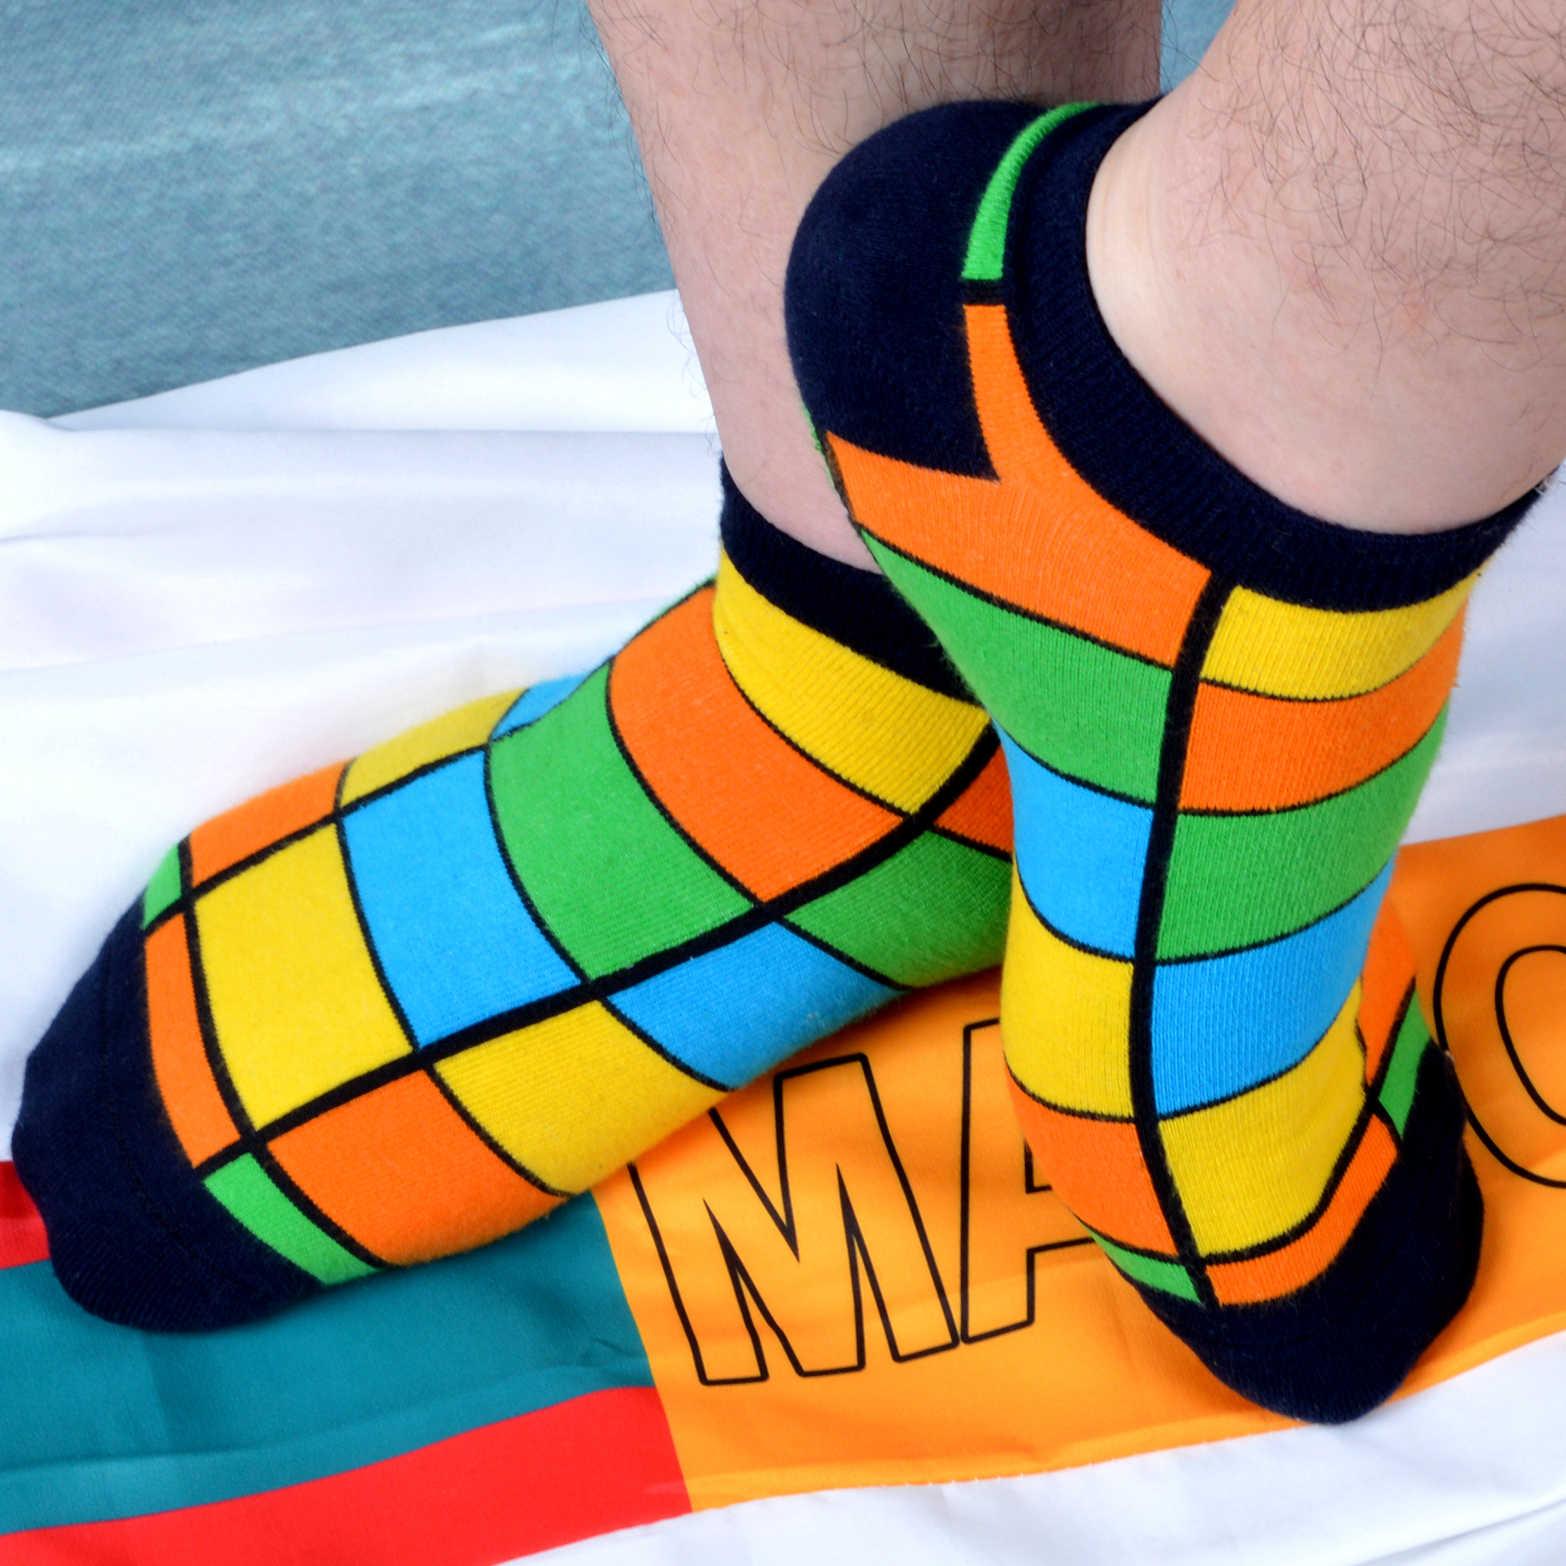 SANZETTI 6-12 คู่/ล็อต 2020 ชายฤดูร้อน Happy ถุงเท้าผ้าฝ้ายลายสก๊อตลายเพชรถุงเท้าตลกสีสันชุดถุงเท้า